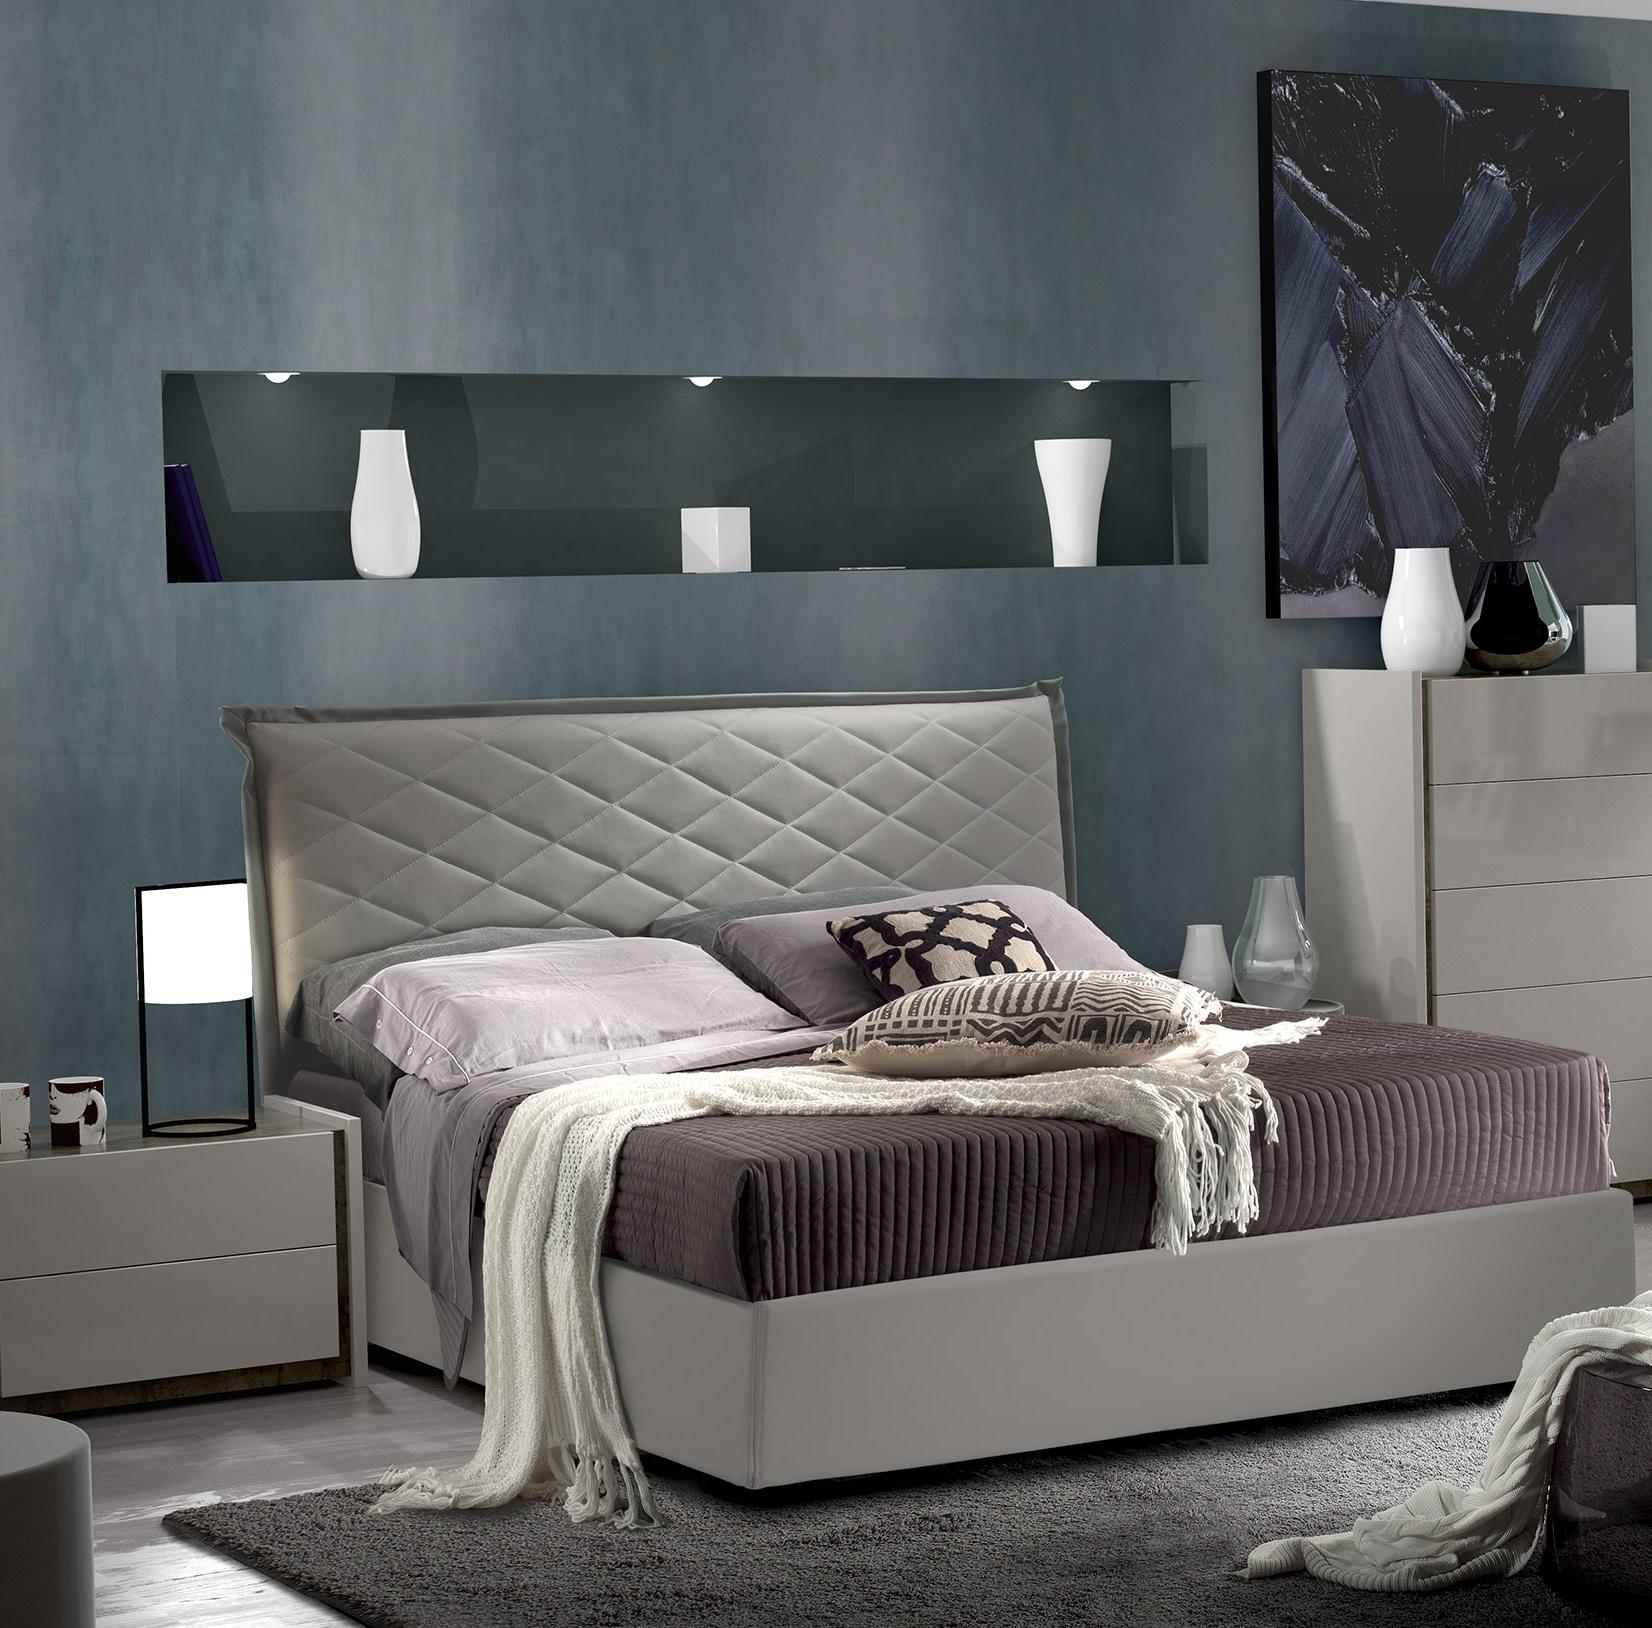 Full Size of Bett Modern Schlafzimmer Set Valencia 180x200 Cm Mit Schrank 4 Trig Leander 100x200 Breckle Betten Rutsche Bette Starlet Ottoversand Bettwäsche Sprüche Wohnzimmer Bett Modern